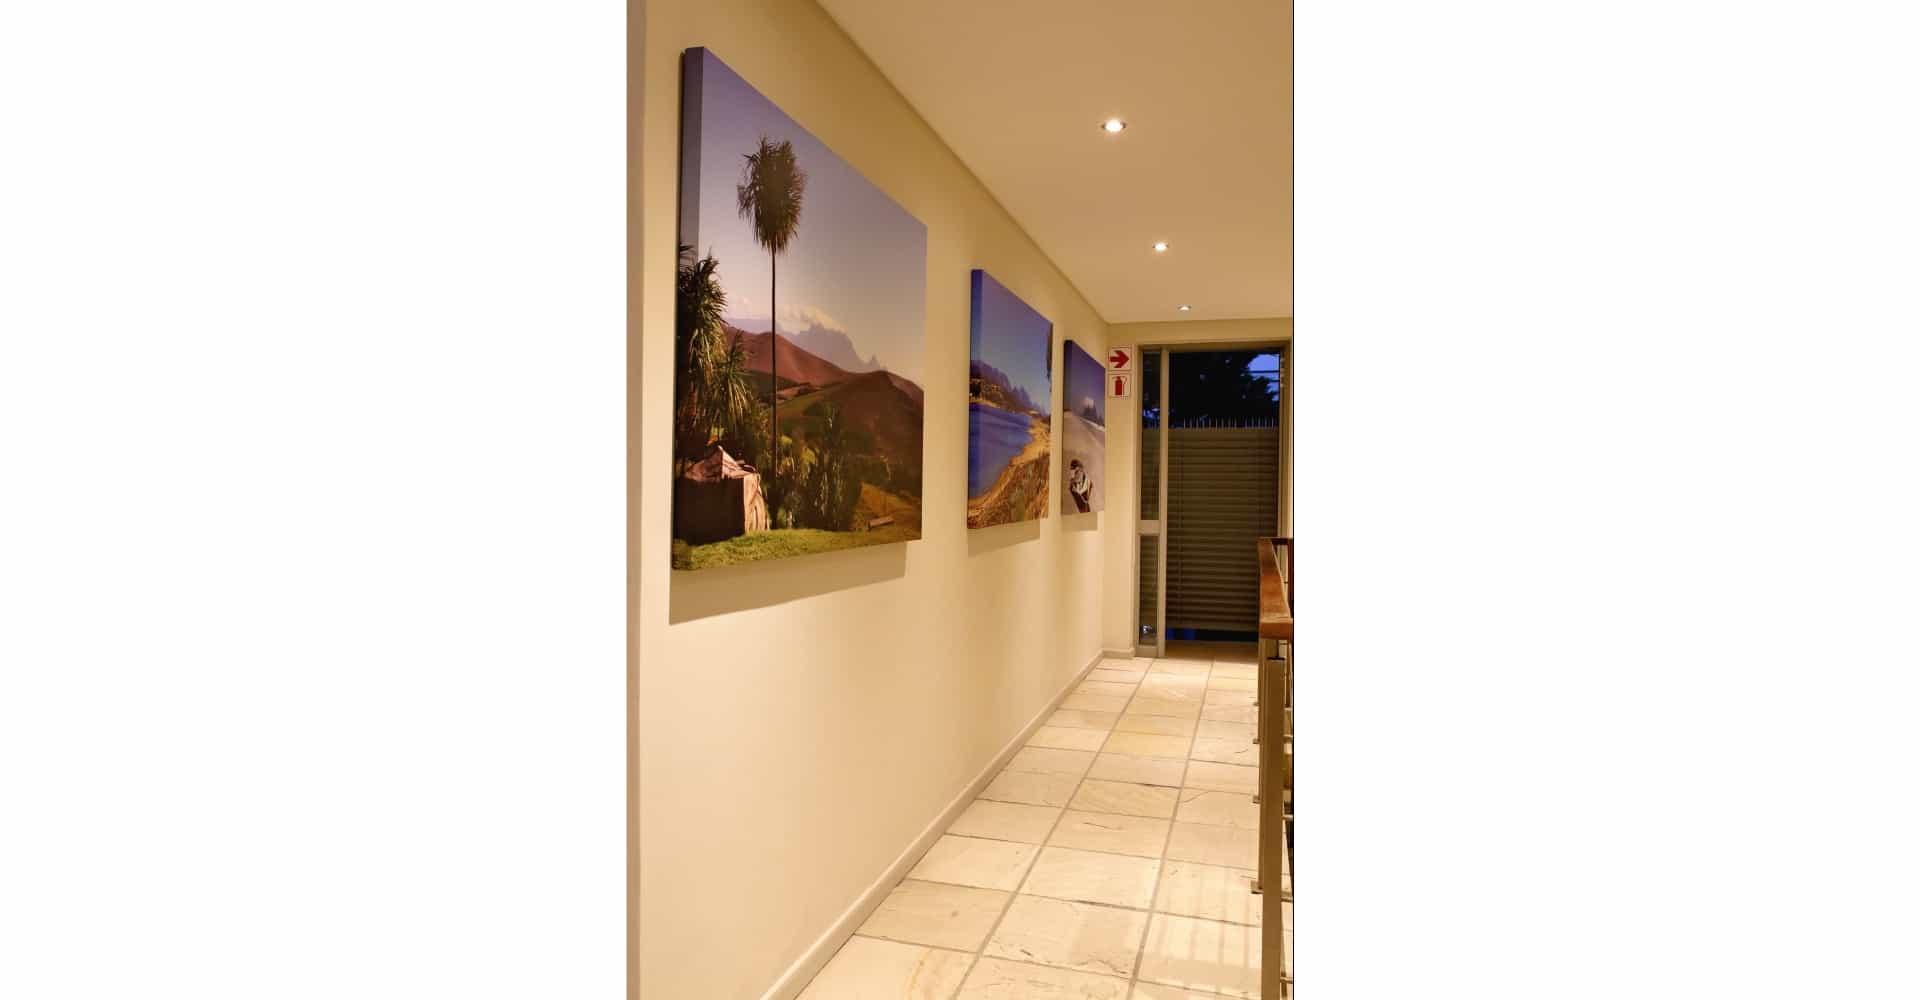 Flur und Bildergalerie im Gästehaus - guesthouse hall with pictures